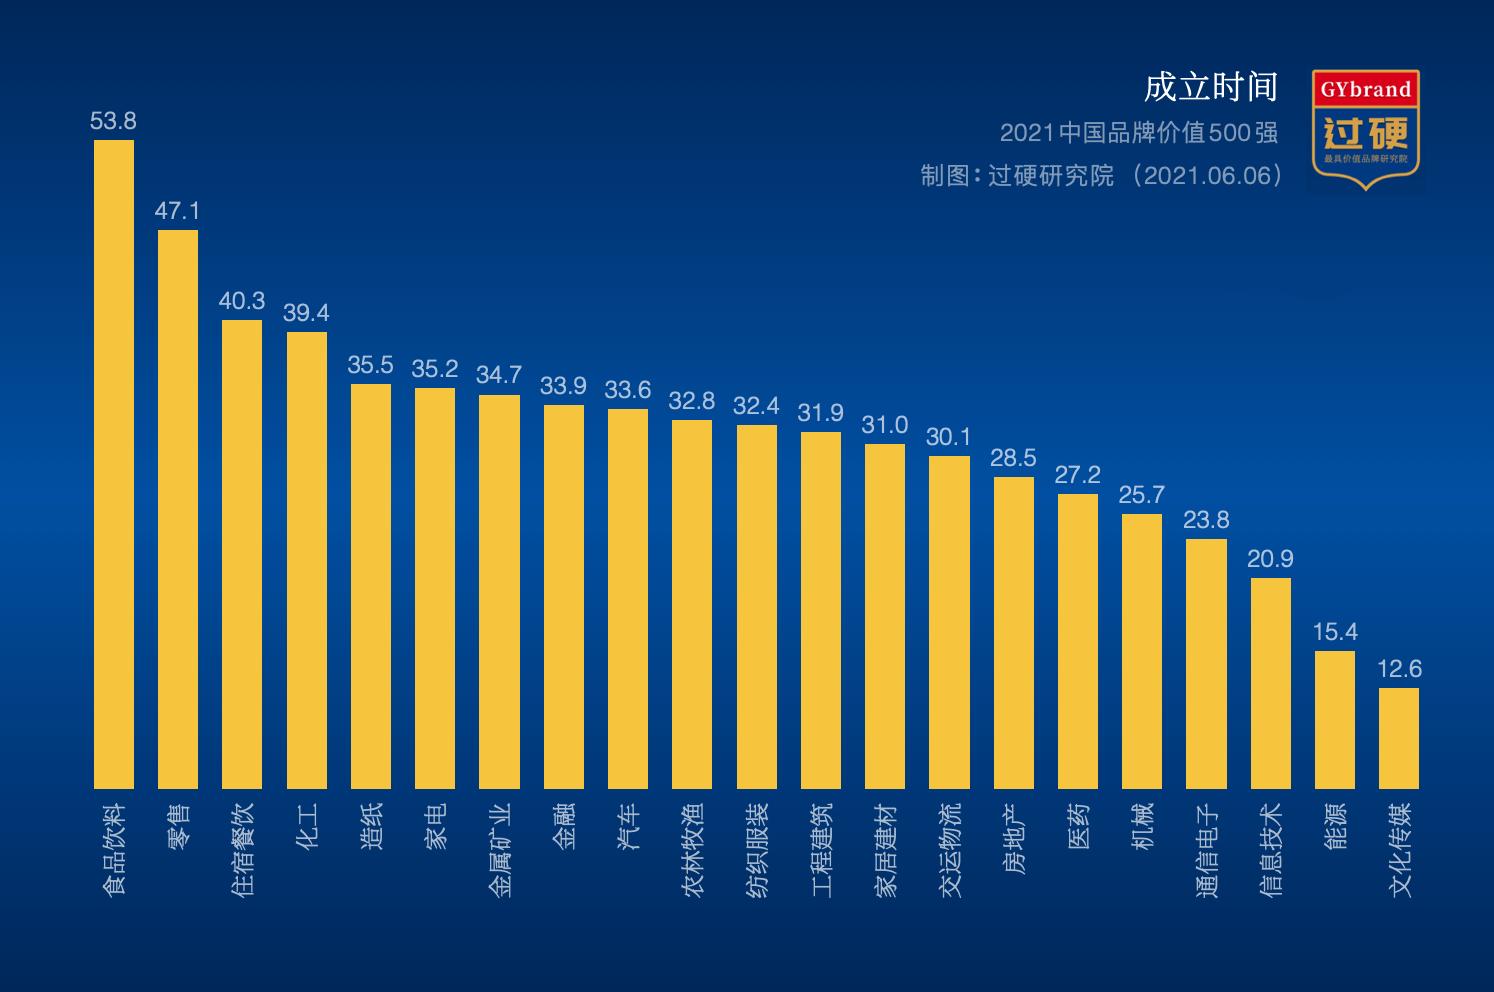 2021中国最具价值品牌成立时间概览